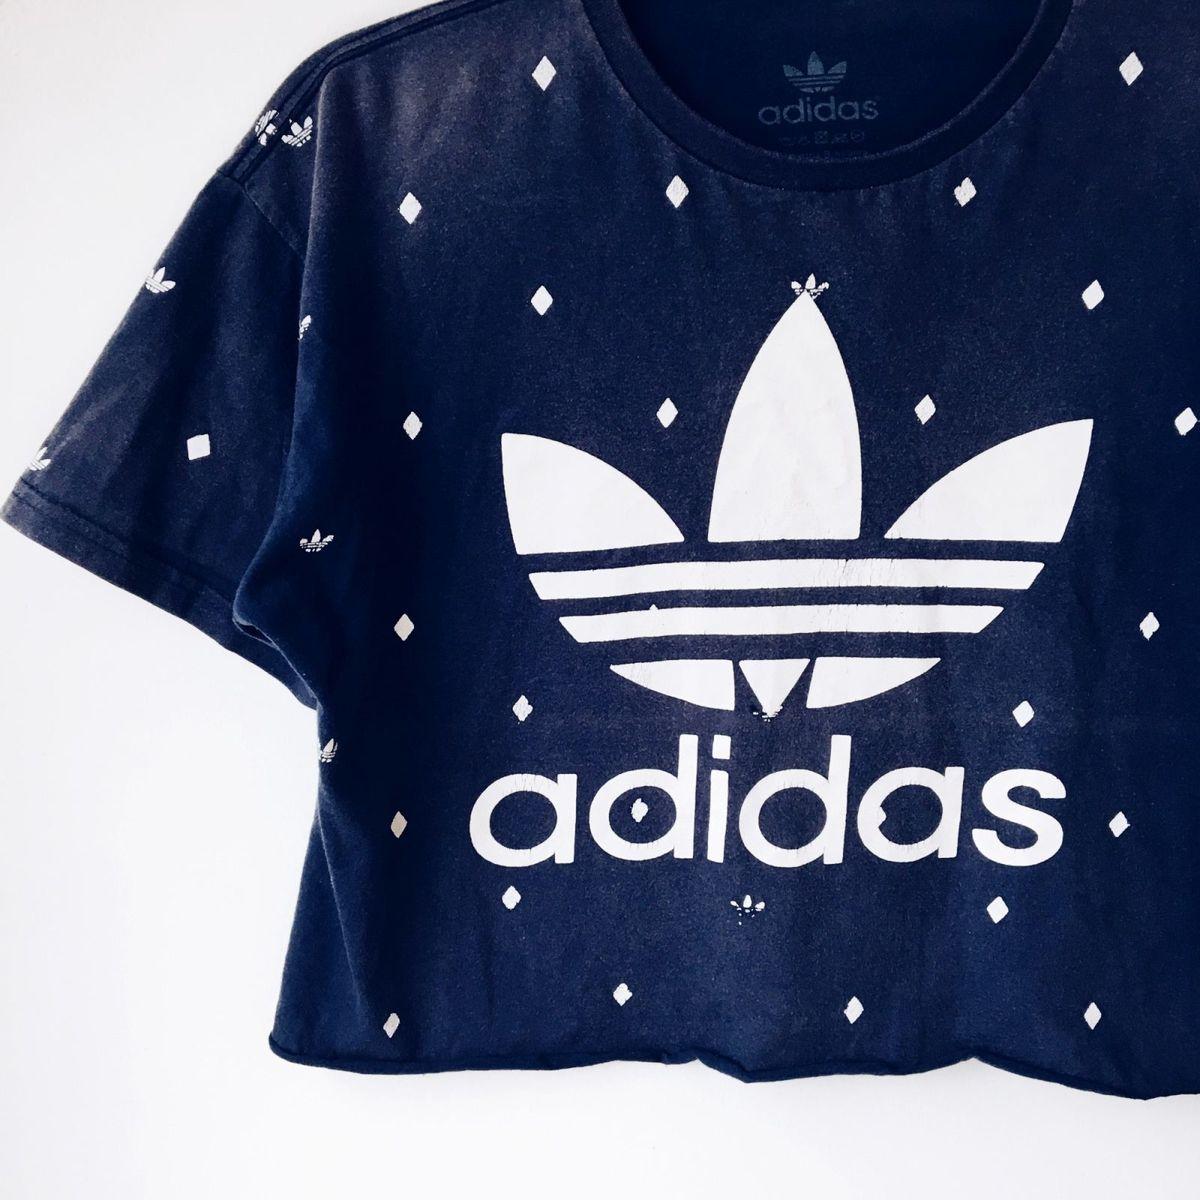 e22bcc7a720 Blusa Cropped Adidas Original Vintage